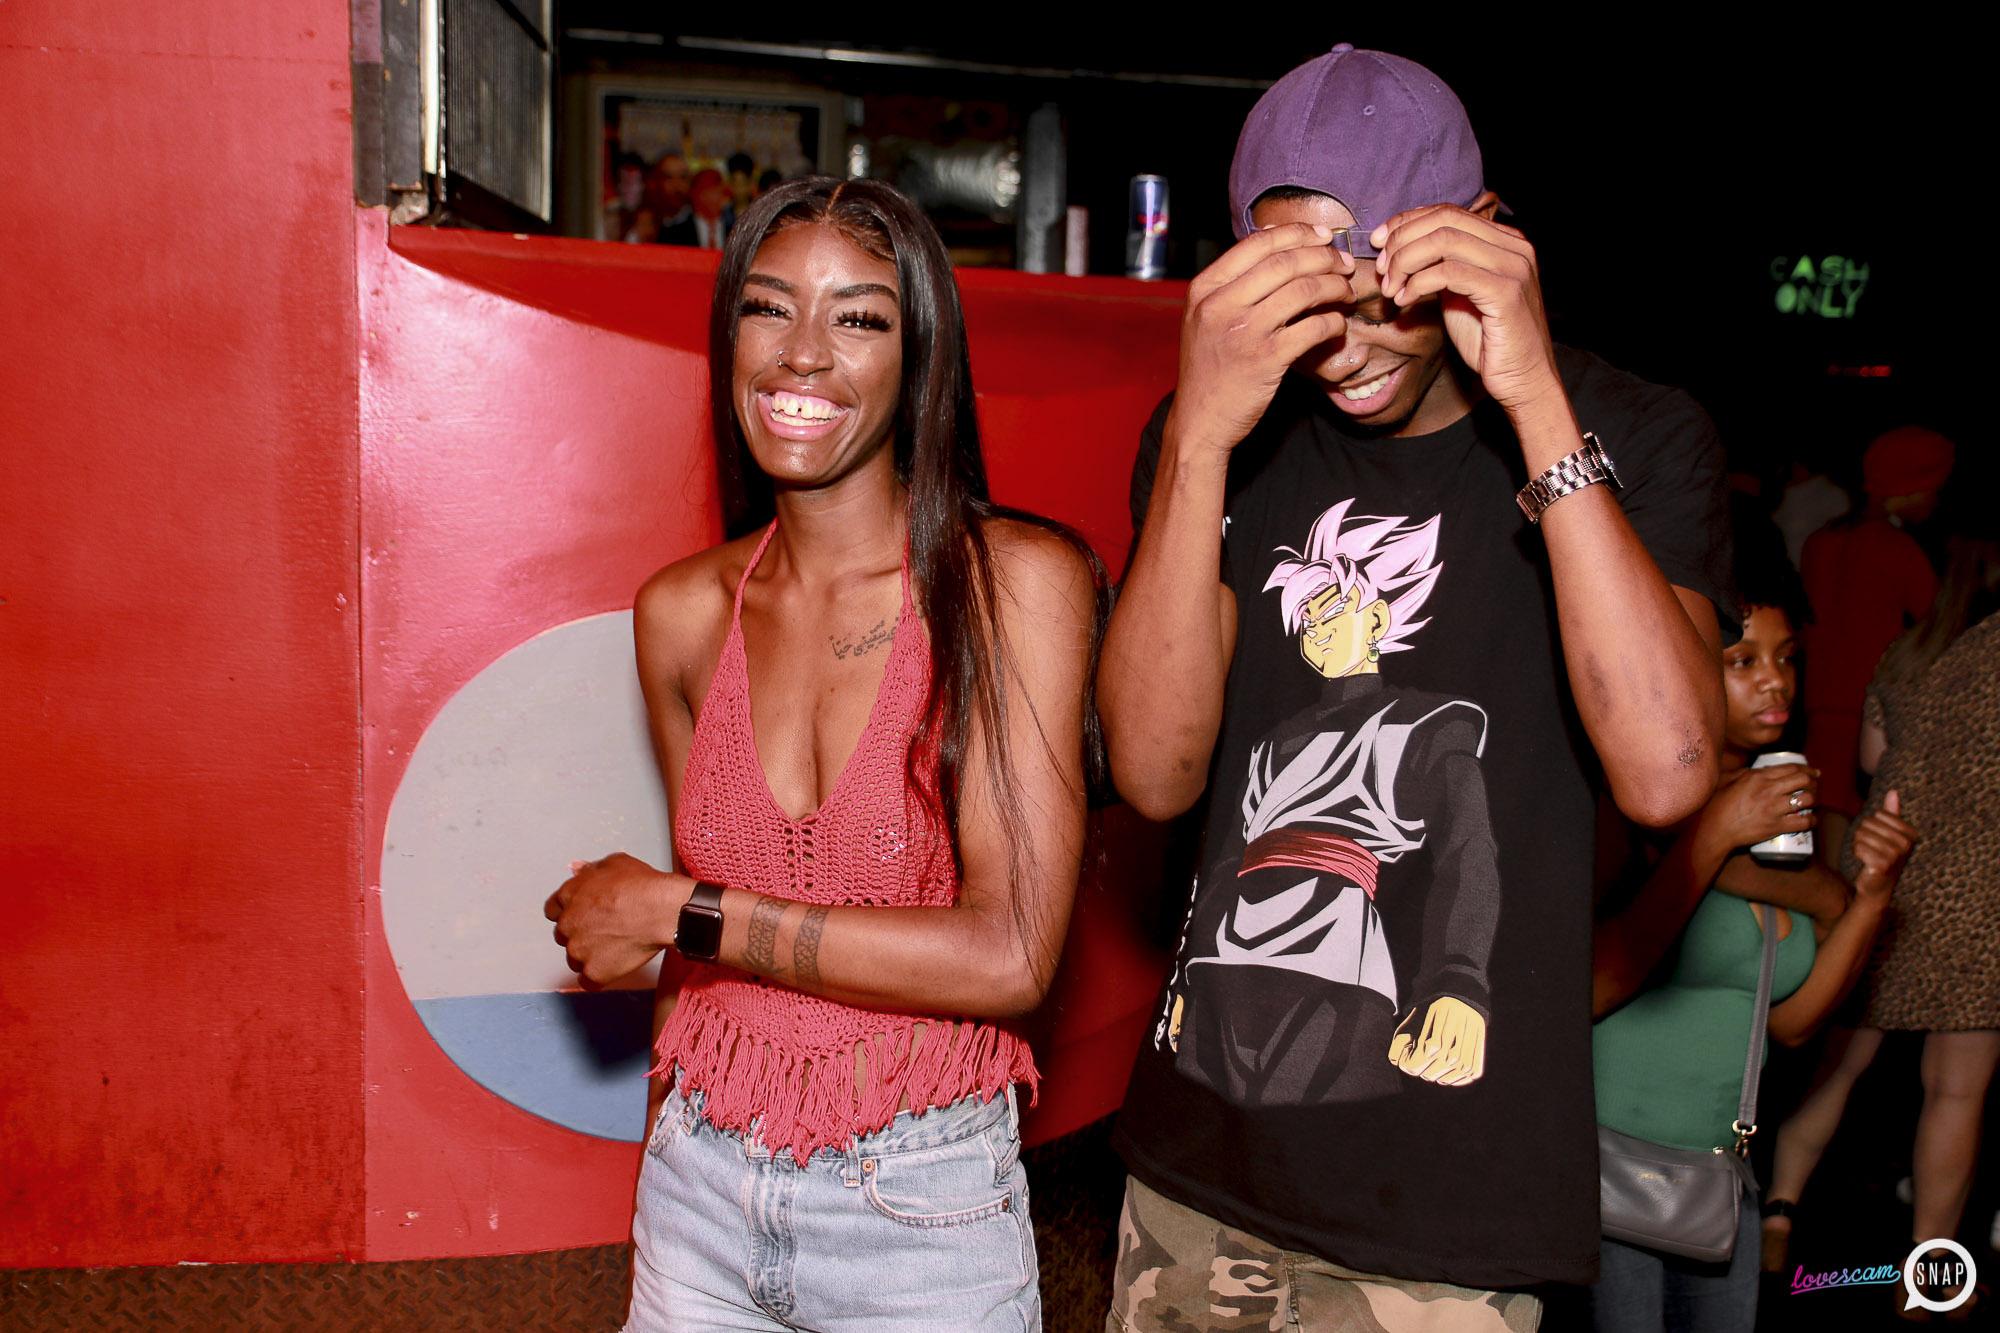 Lovescam-07.20.19-96.jpg